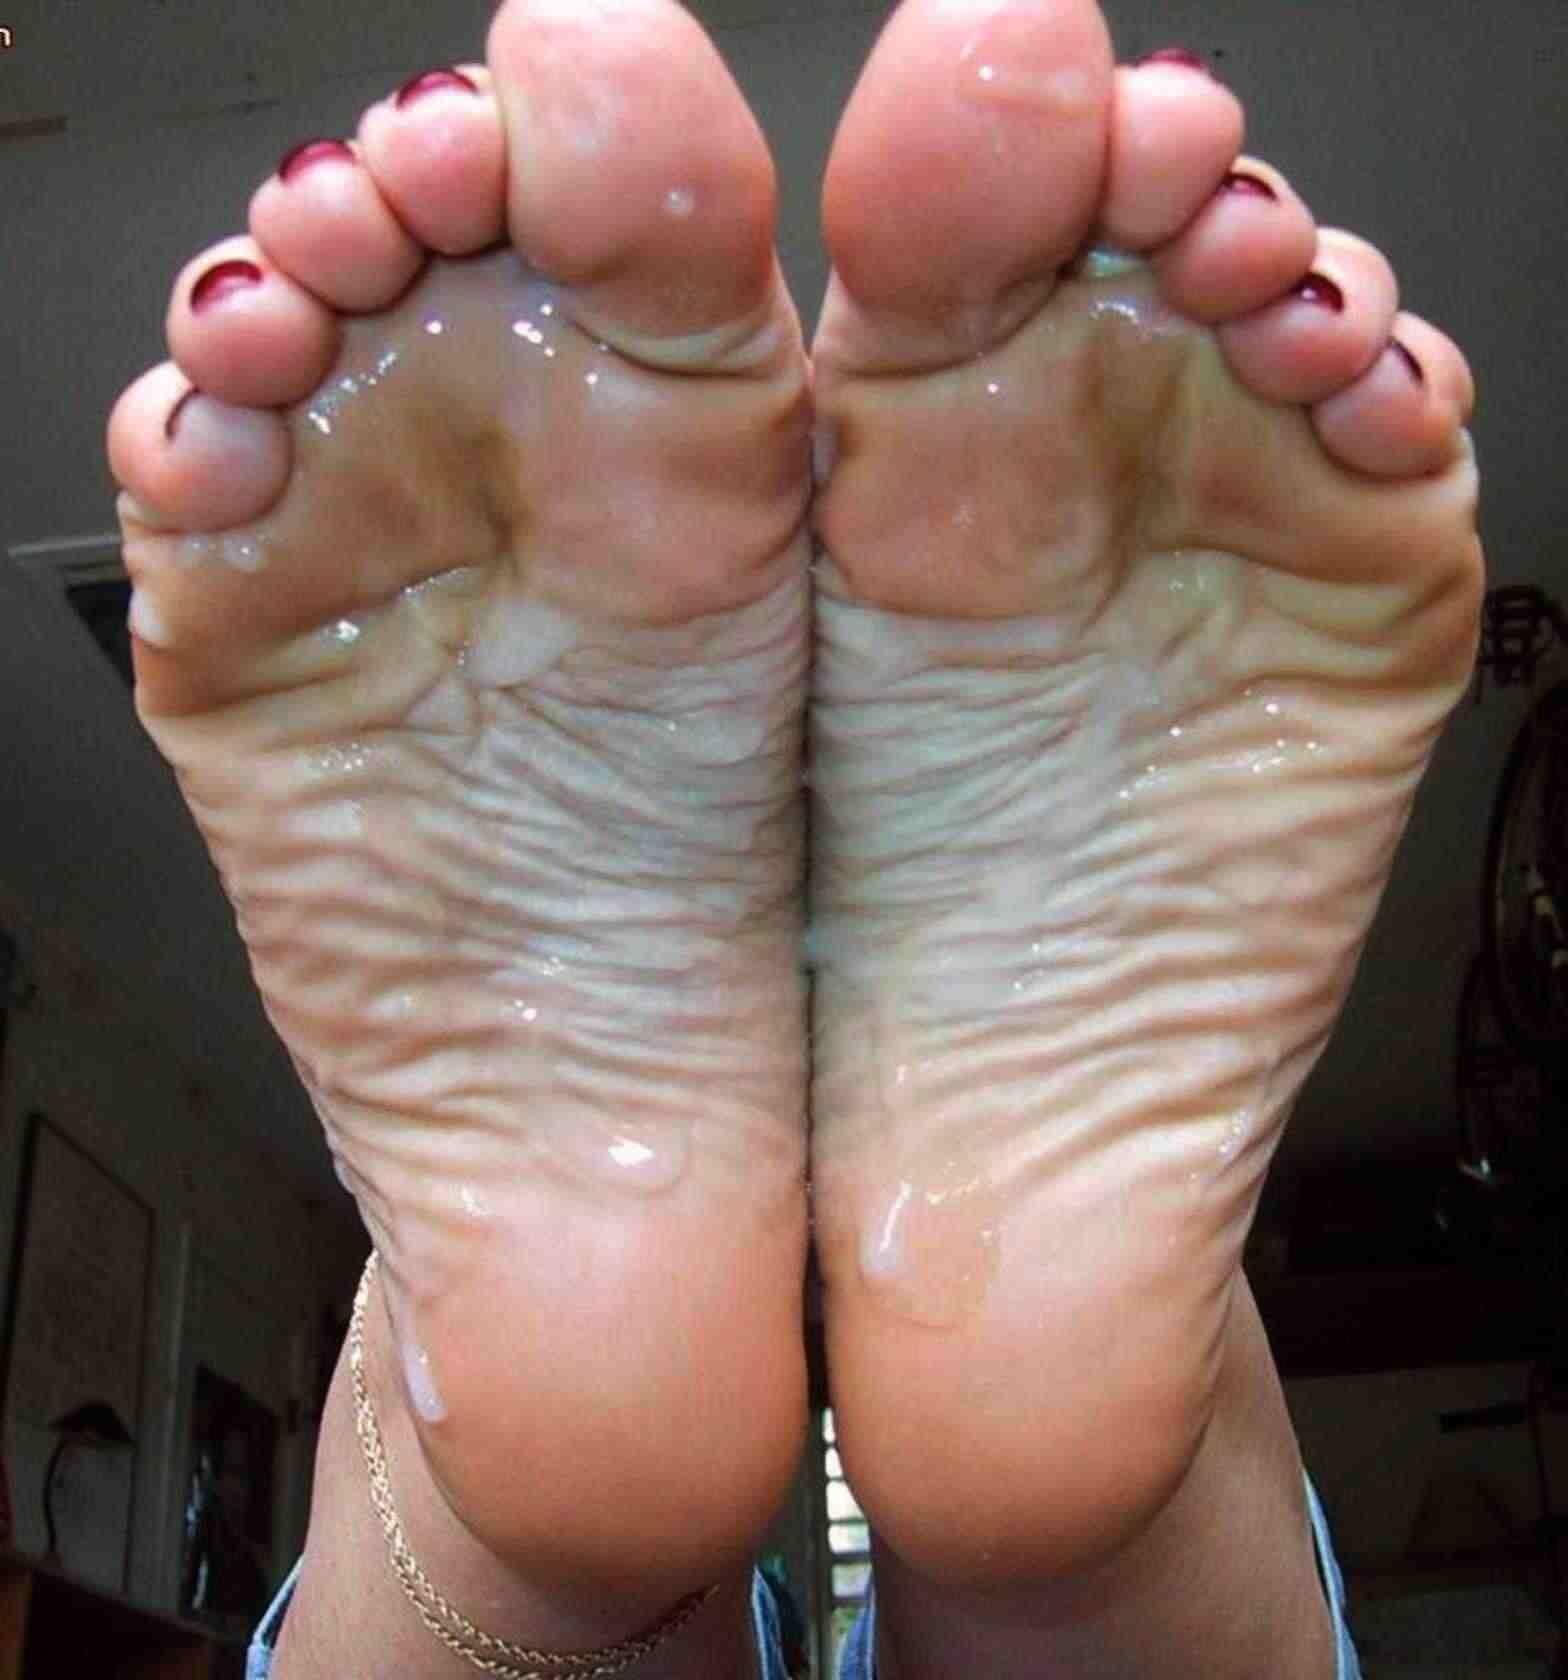 足の裏・足の甲に射精 16